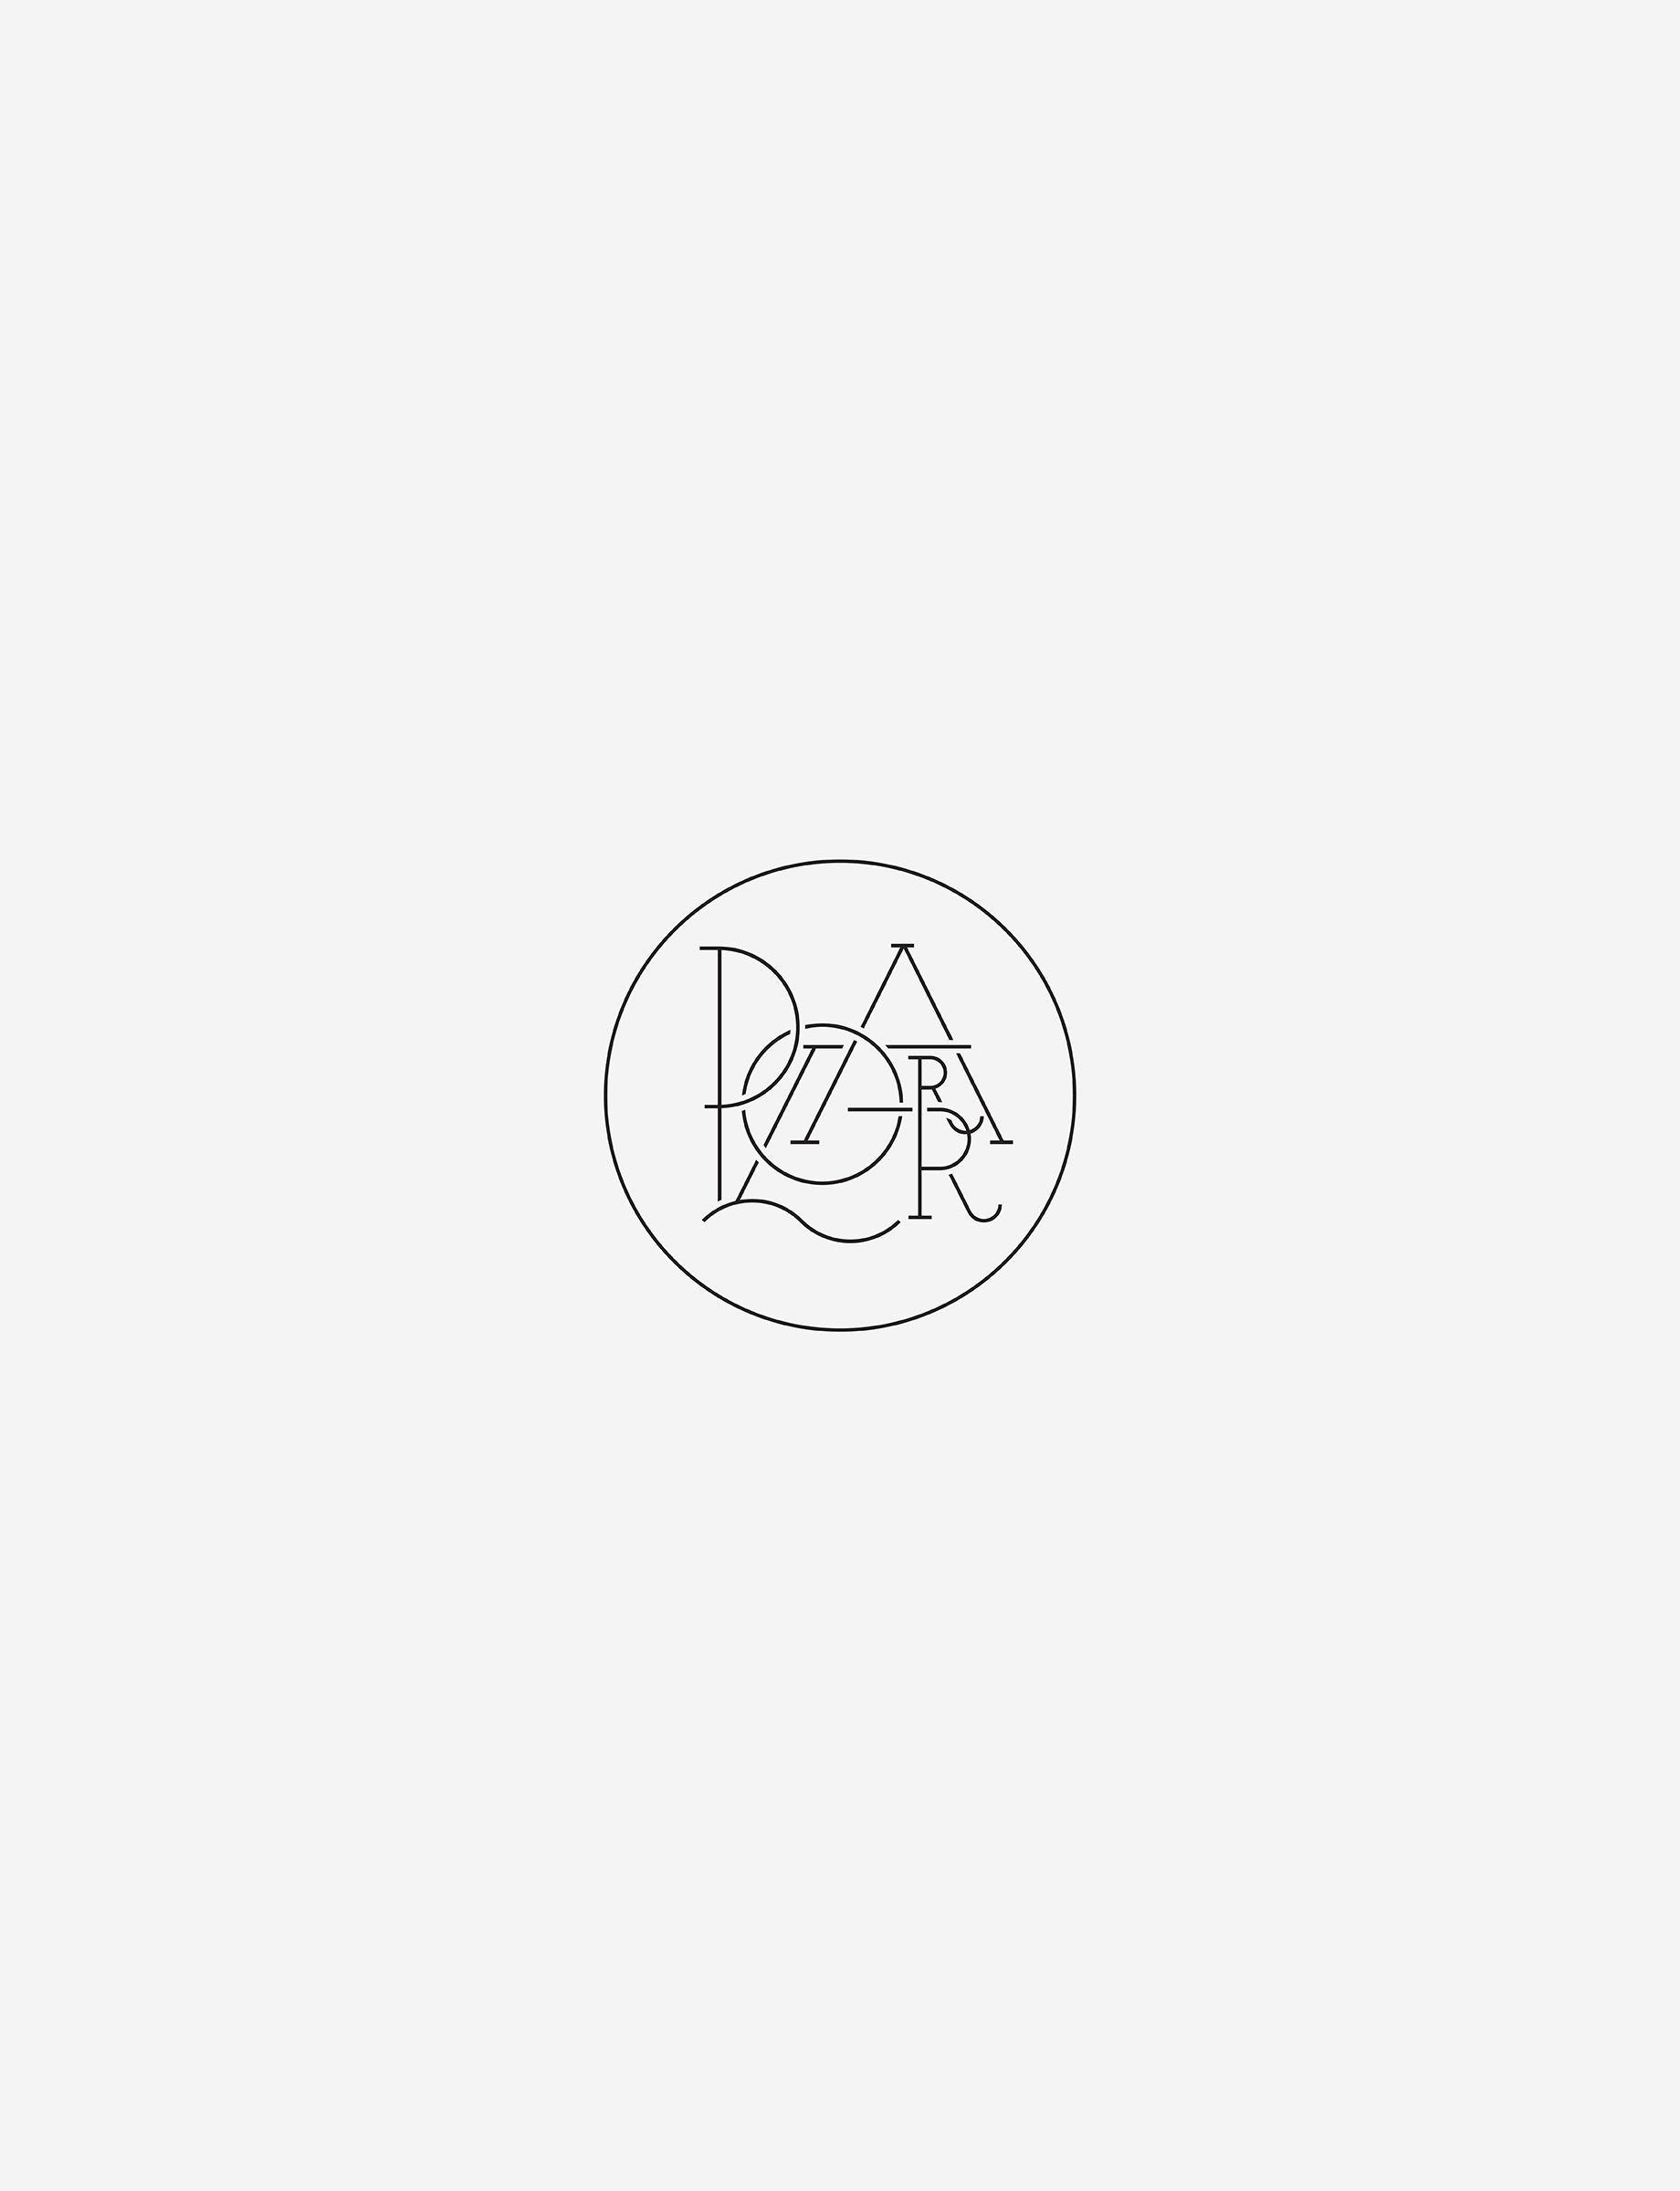 Logos_monogramas_crop2-14